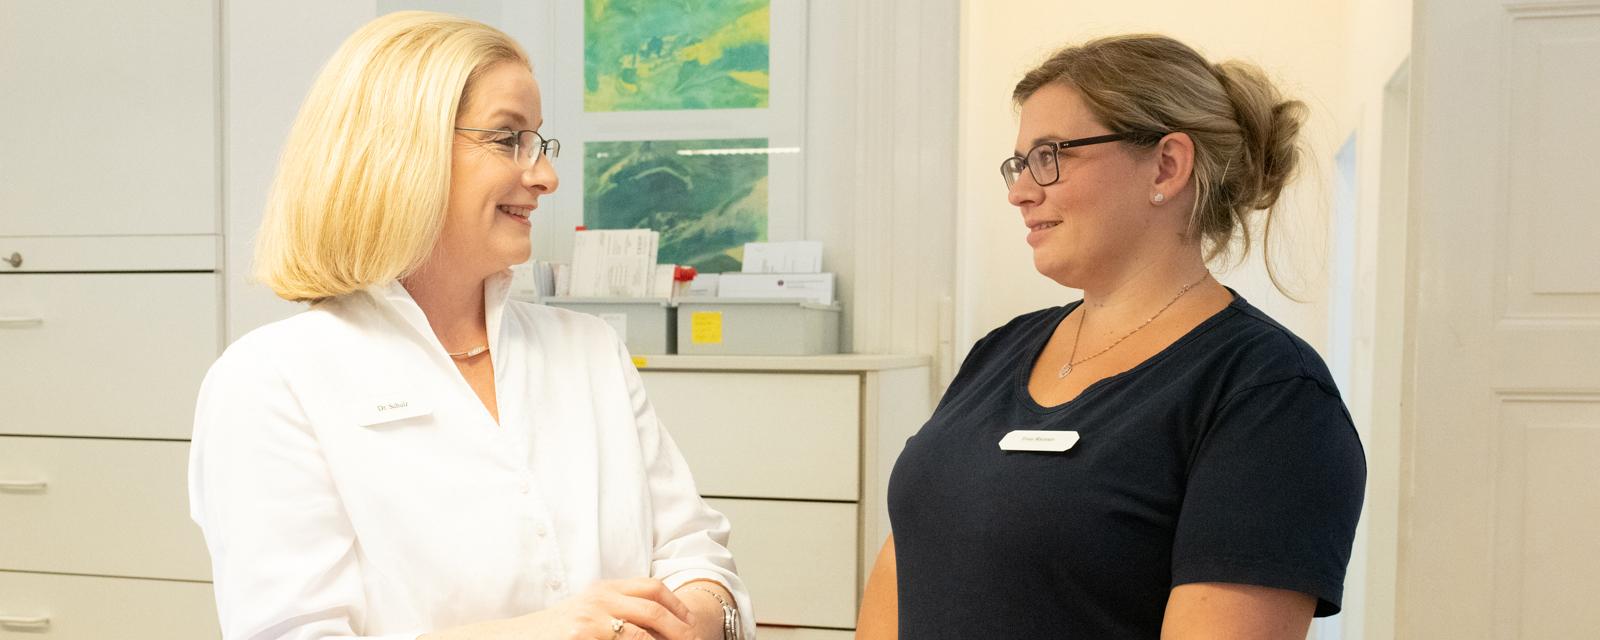 Praxisteam Dr. med Reinhard Knöll - Hautarztpraxis Lüneburg